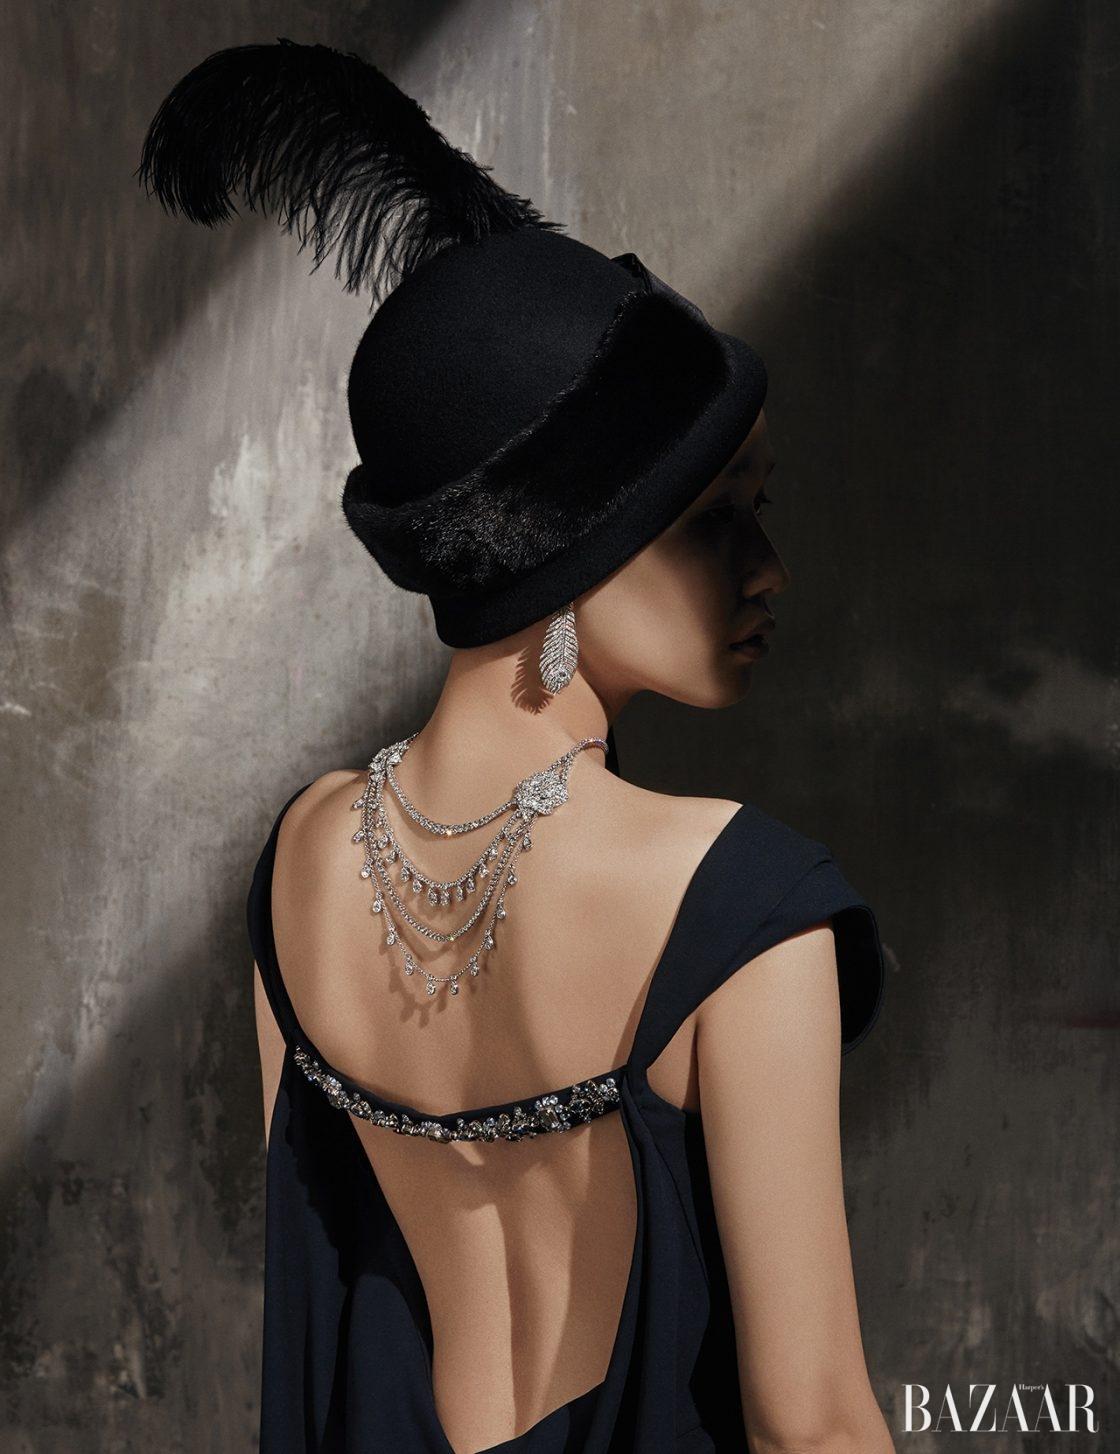 주얼이 장식된 백리스 드레스는 Dior, 빈티지한 형태의 모자는 18만9천원으로 Grillo & C by Seven Sisters, 모자 위에 장식한 밍크 장식의 롱 스카프는 32만5천원으로 Refur, 메종의 아이콘인 공작의 깃털을 형상화한 '플륌 드 펑' 귀고리는 Boucheron, 다이아몬드가 과감하게 세팅된 '메디터레이니언 가든 하이주얼리' 목걸이는 5억7천7백만원대로 Piaget 제품.